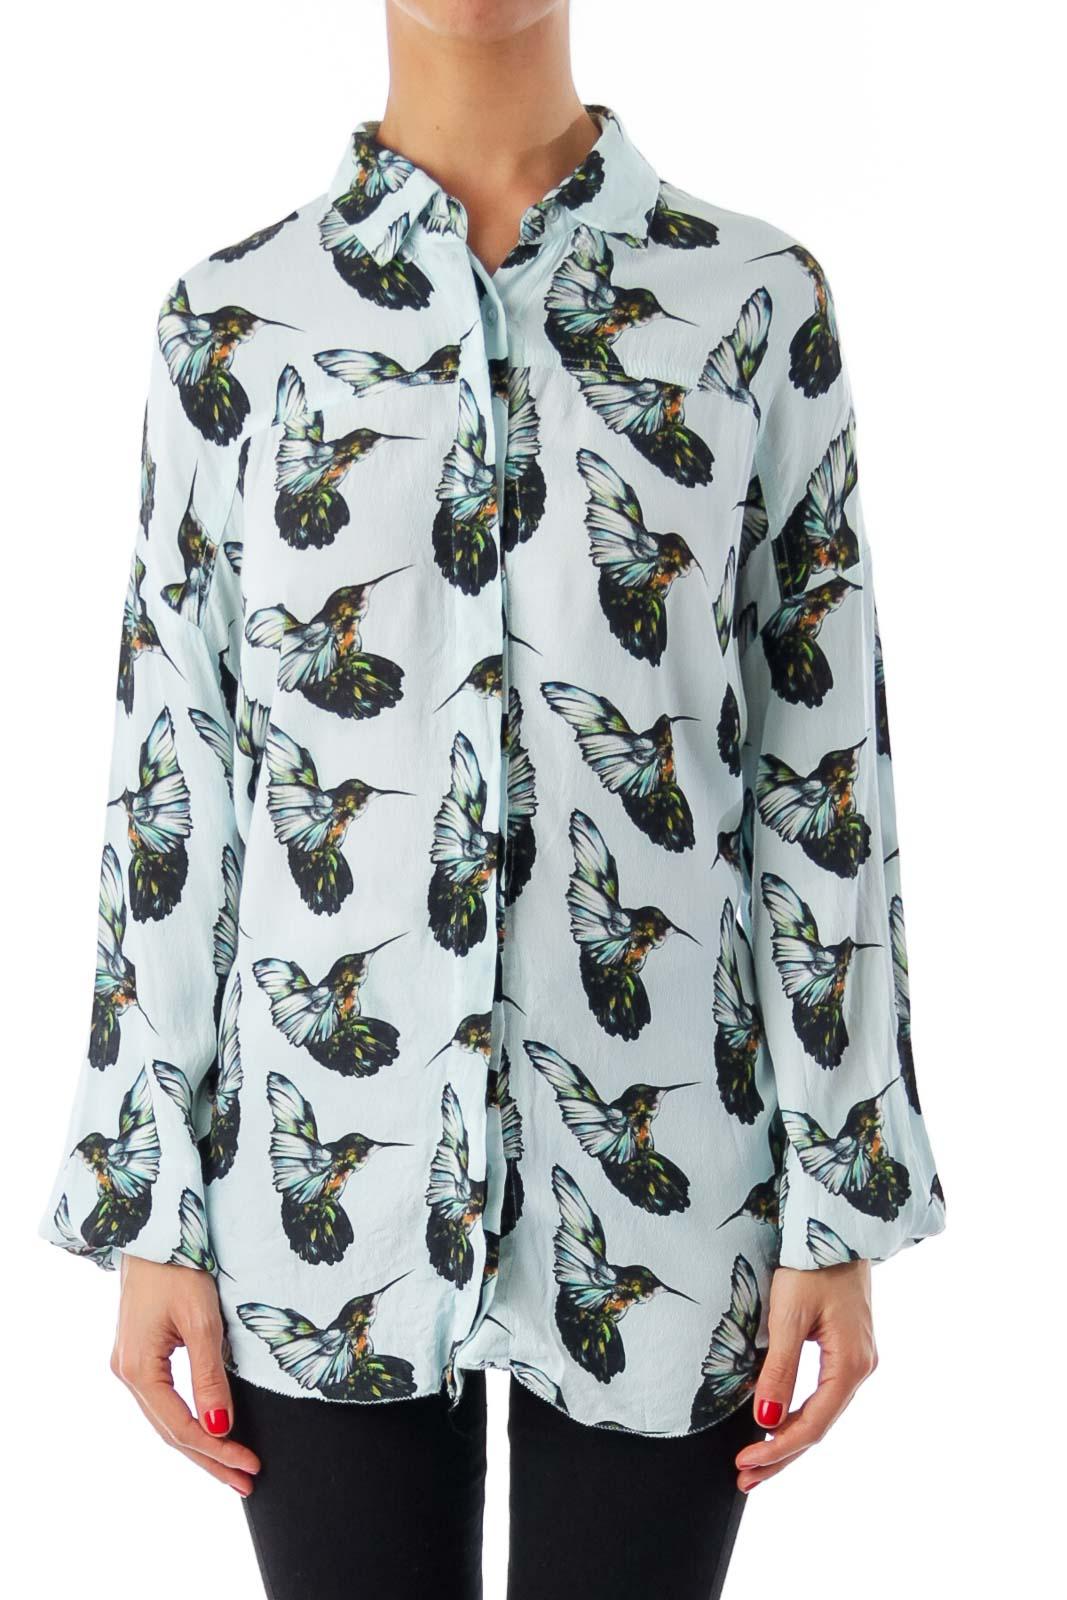 Blue Birds Print Button Down Shirt Front